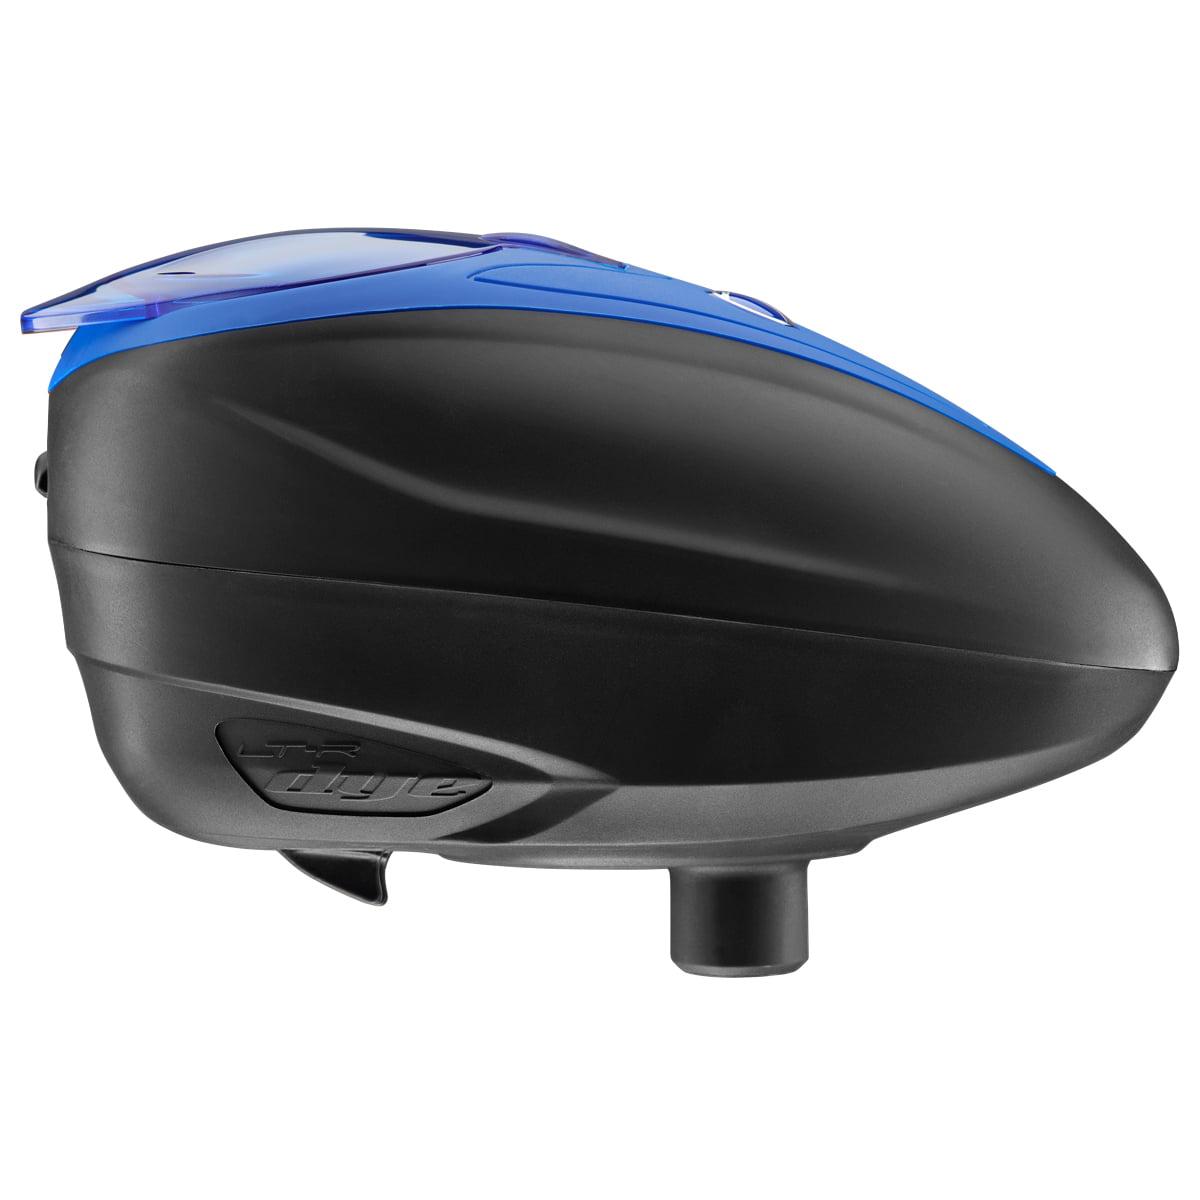 Dye LT-R Paintball Loader - Black / Blue